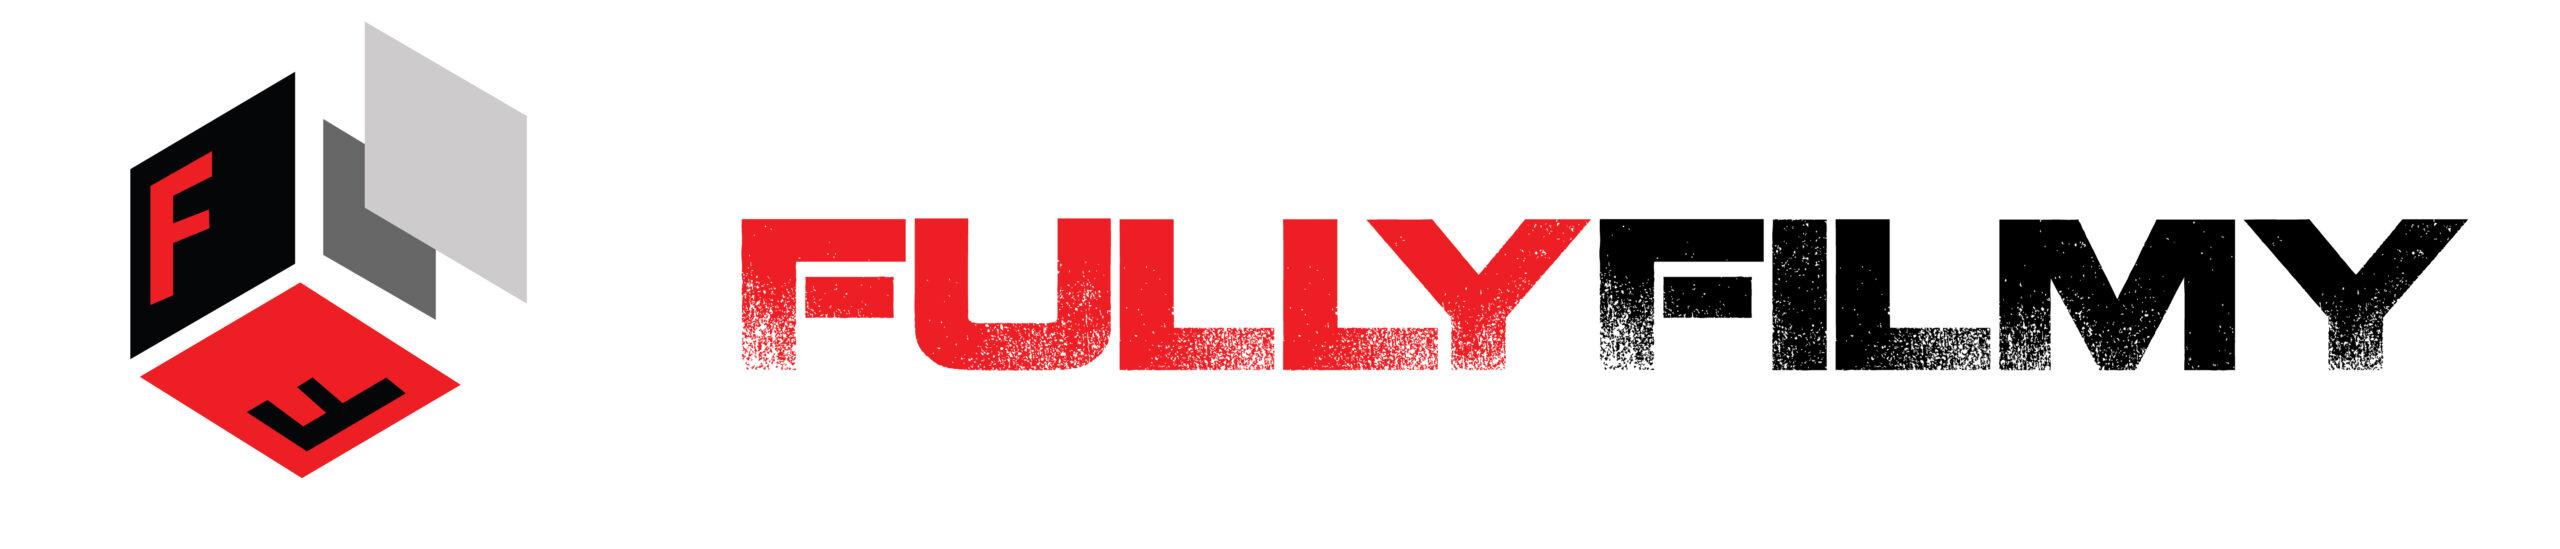 FullyFilmy